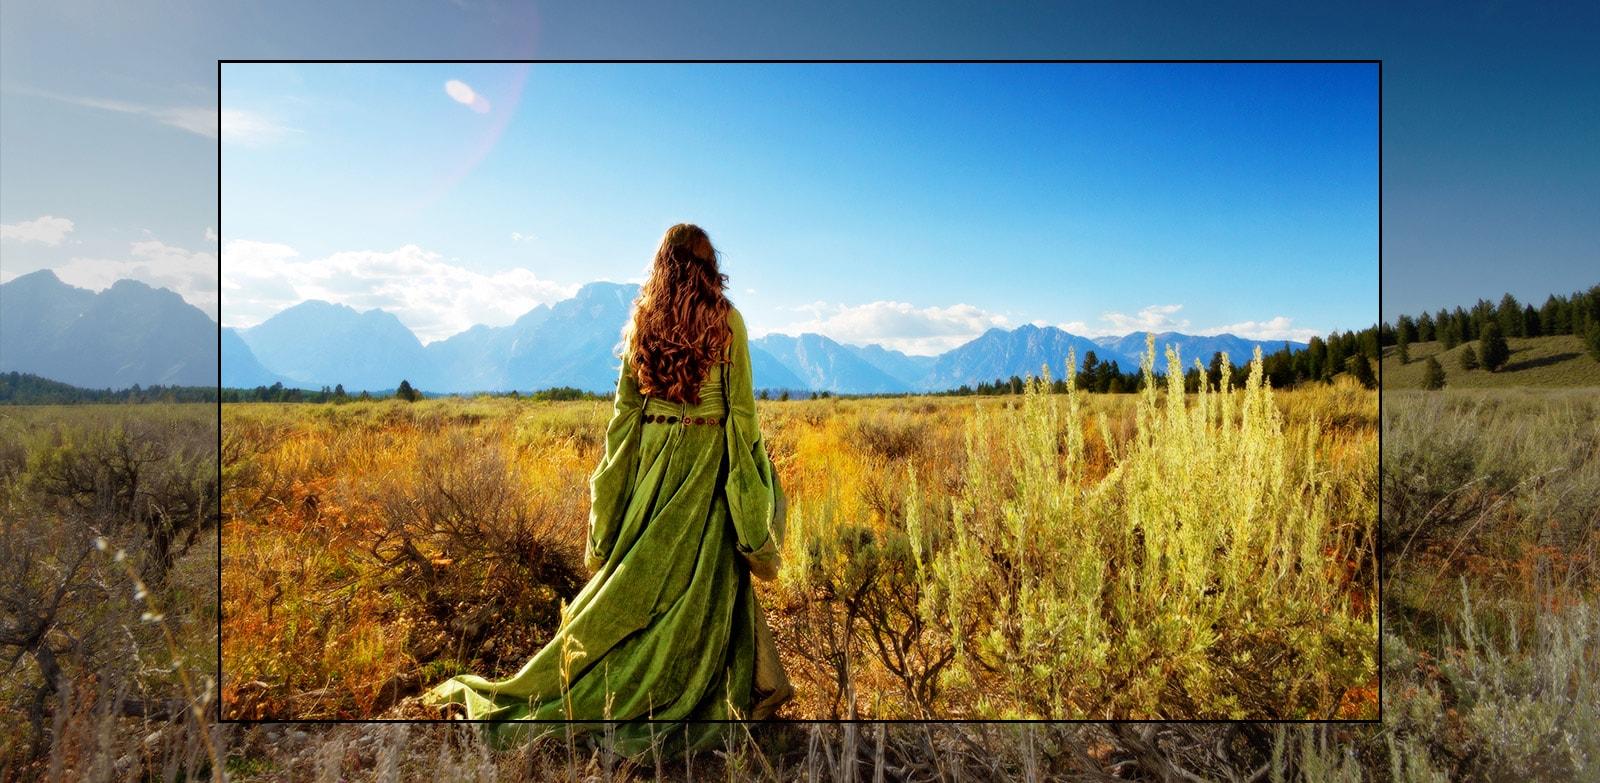 TV-képernyőn megjelenő jelenet egy fantasy filmből, ahol egy nő áll a mezőn, miközben a hegyek felé néz.